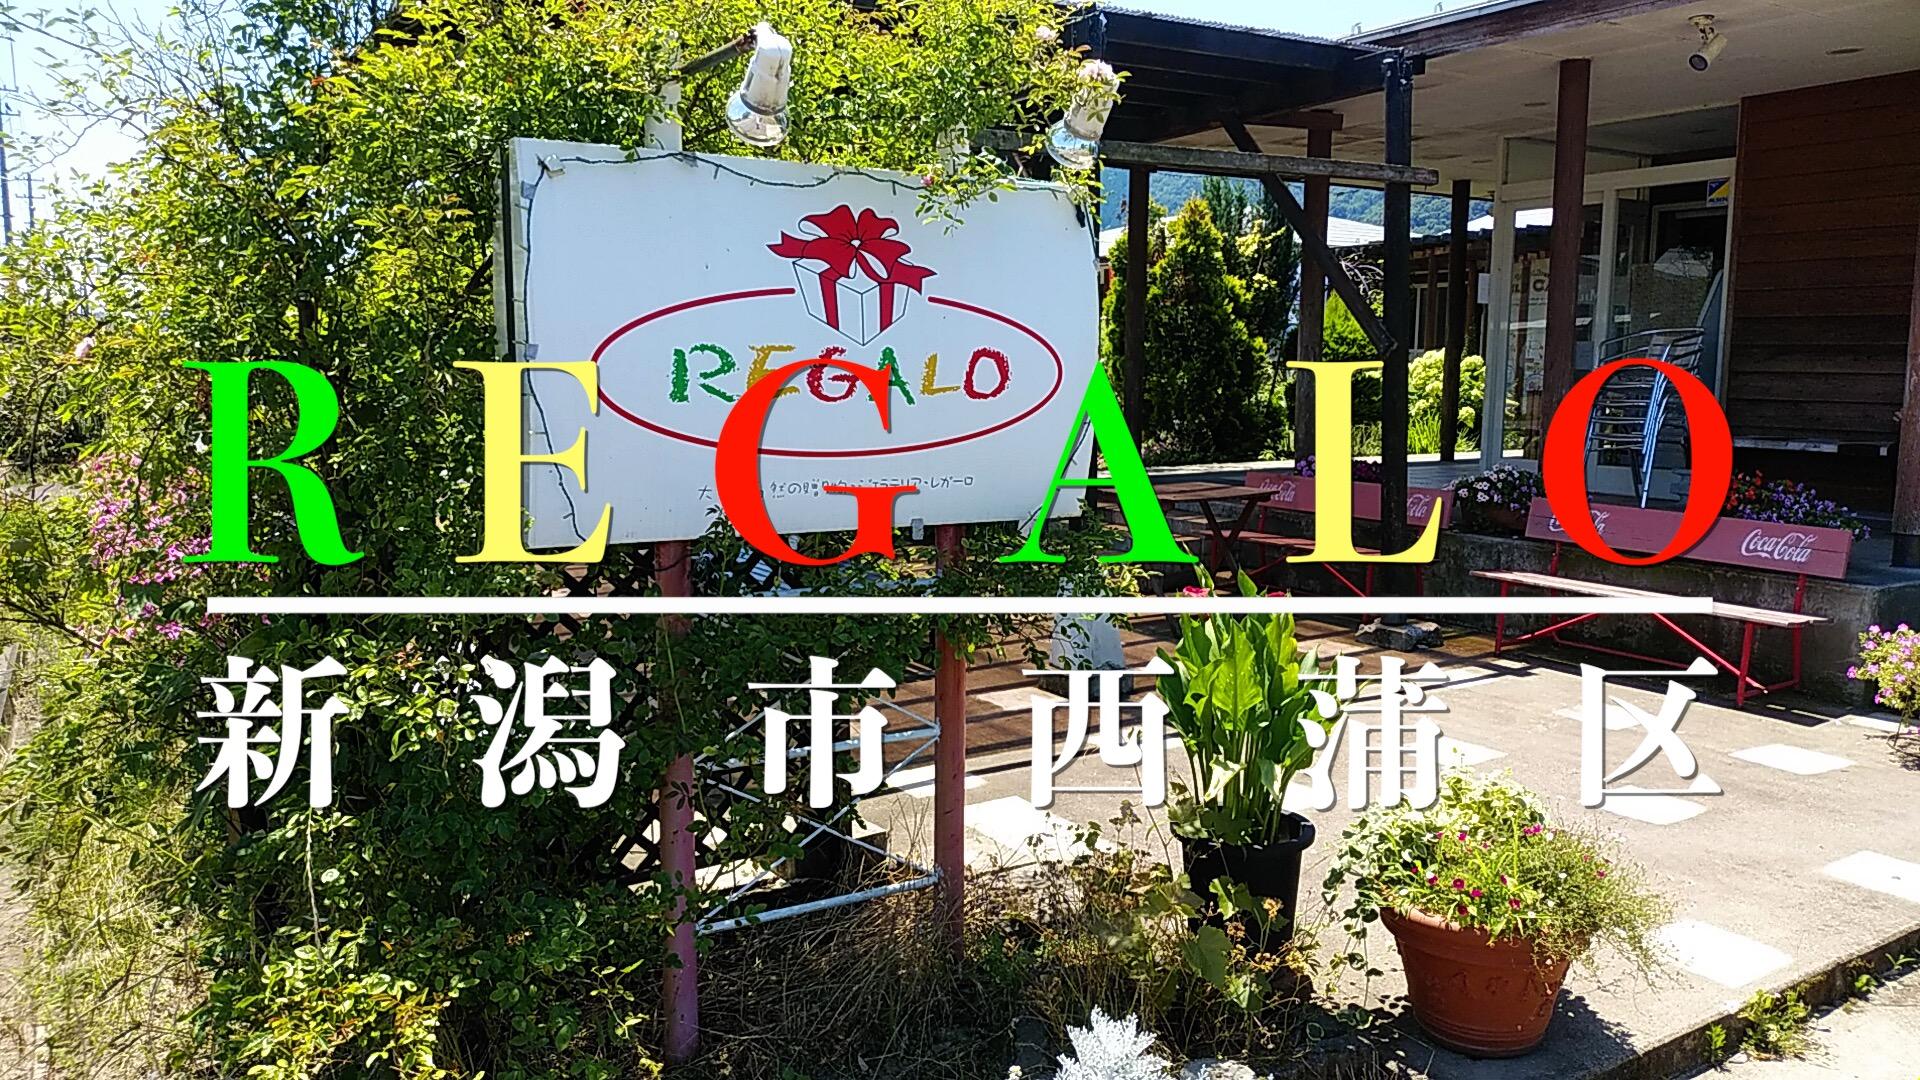 REGALO(レガーロ)のアイキャッチ